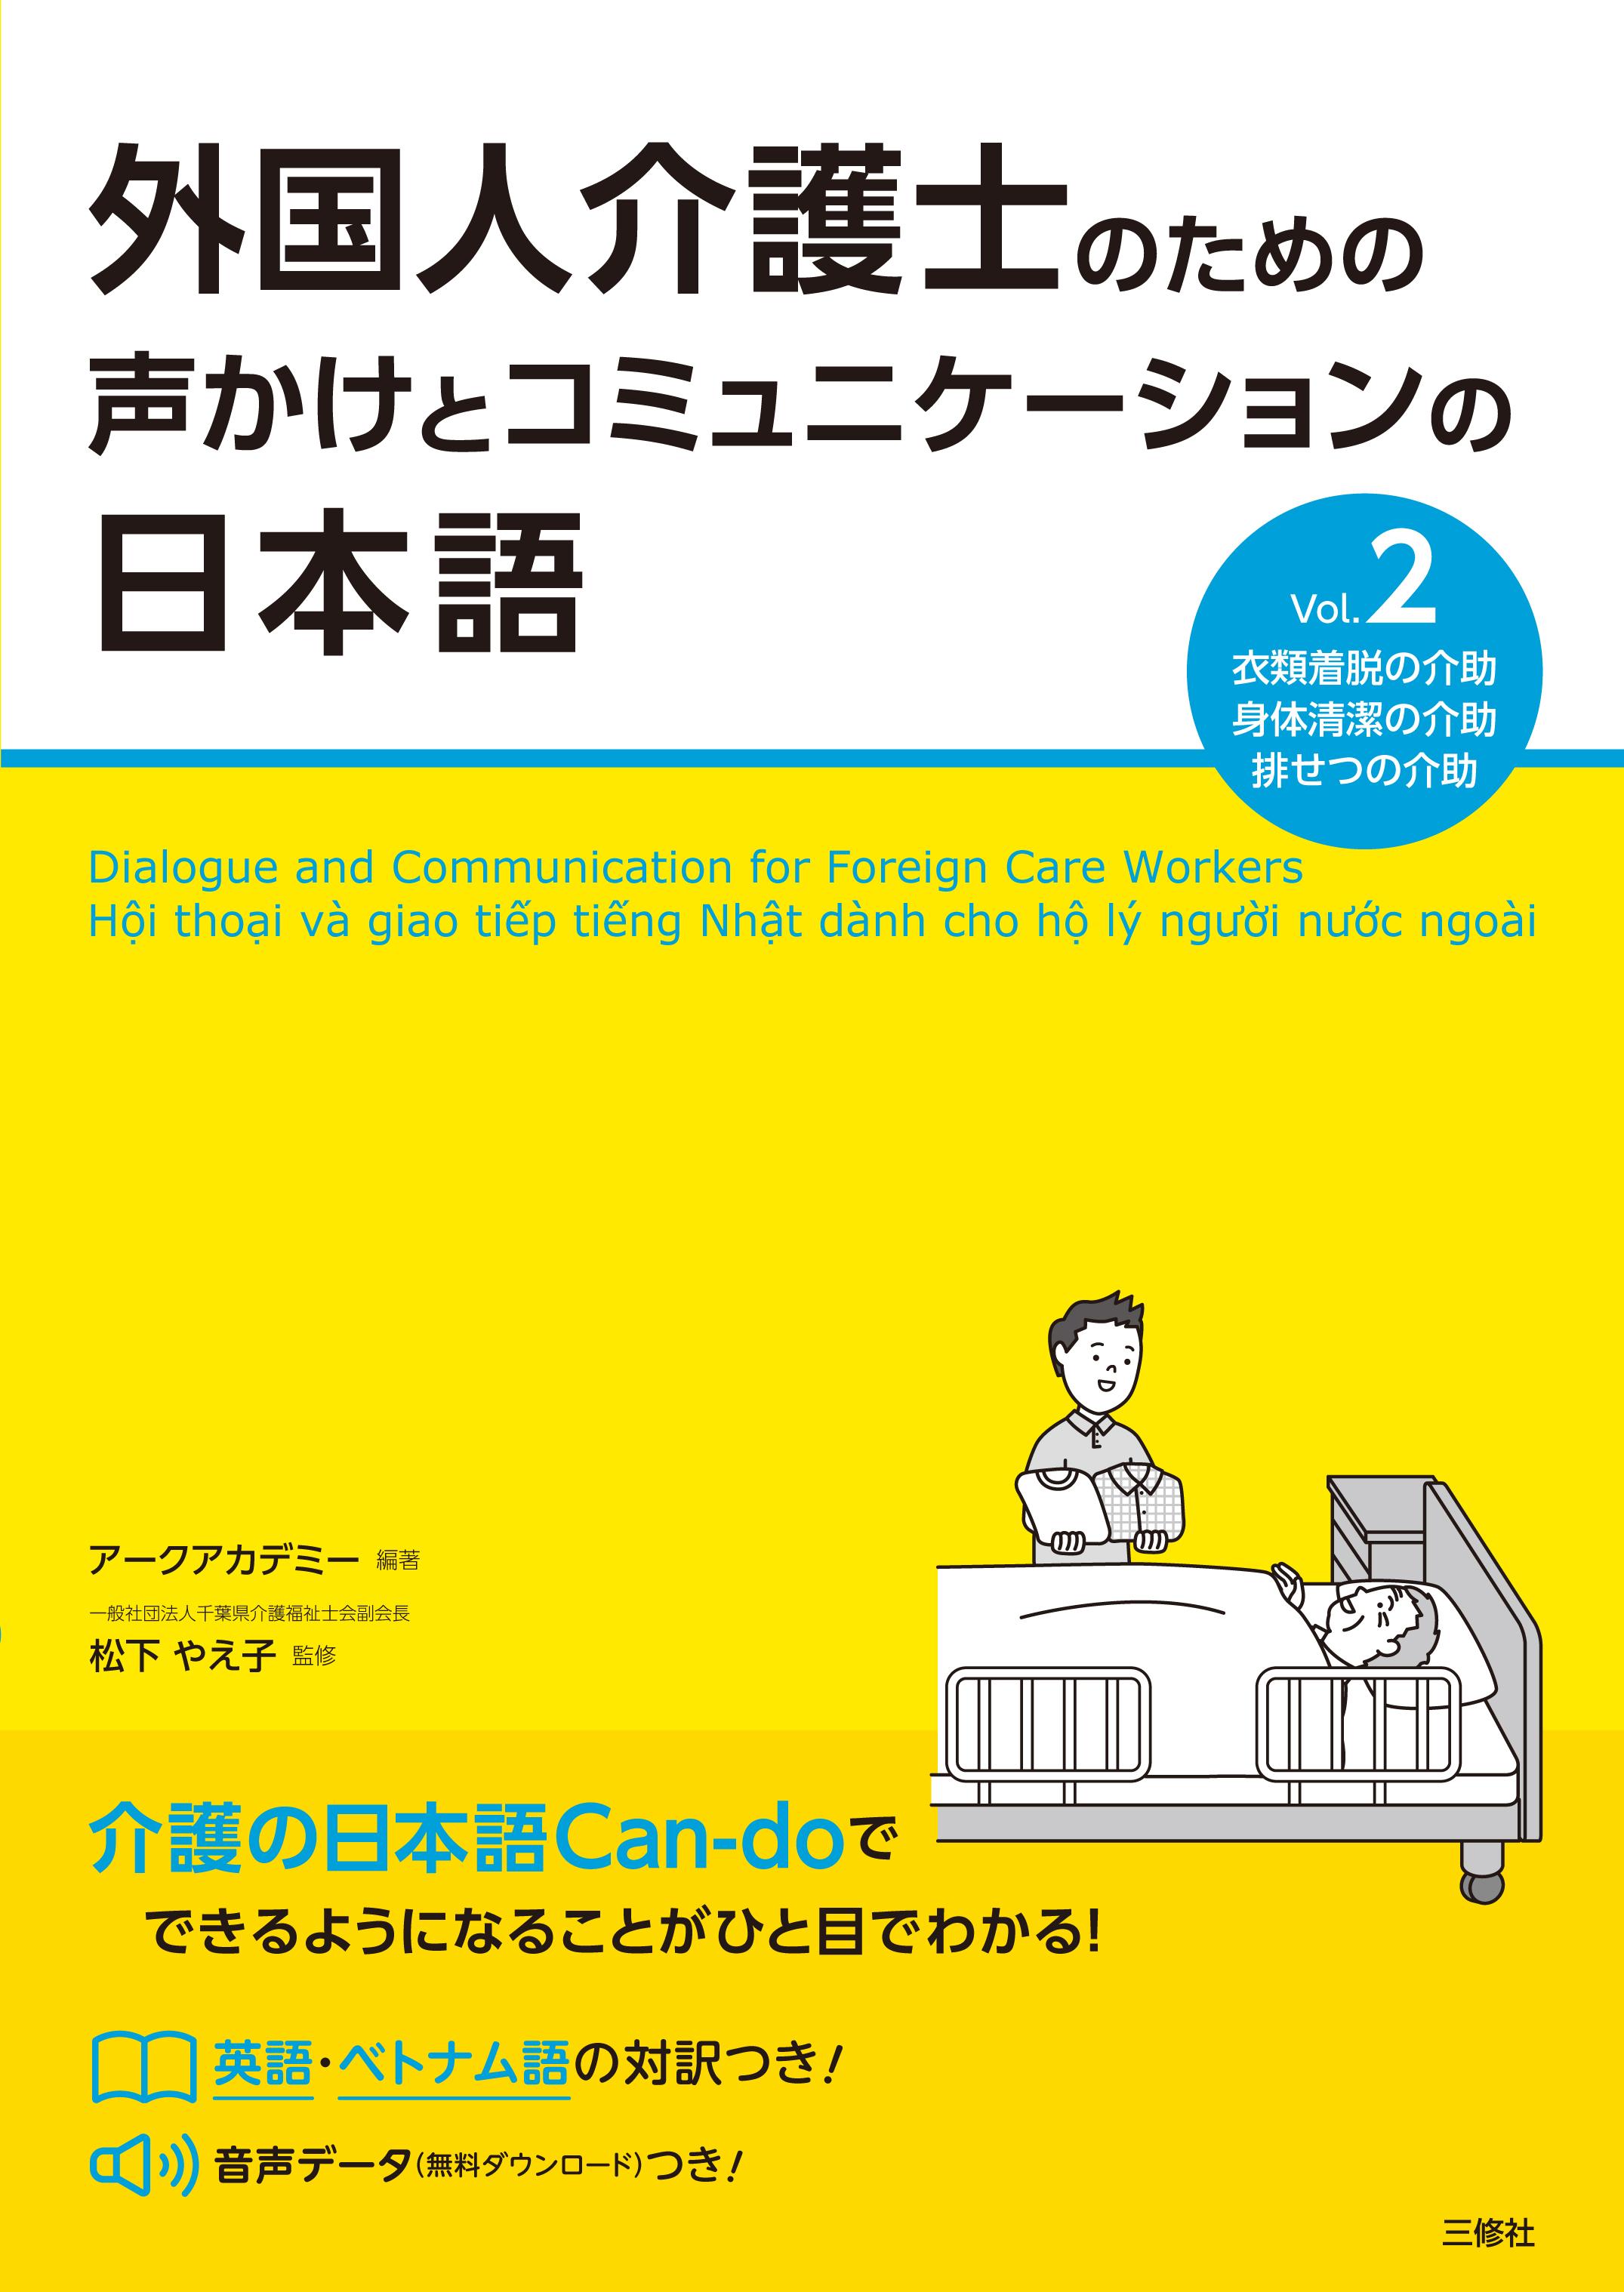 外国人介護士のための声かけとコミュニケーションの日本語 Vol.2  画像